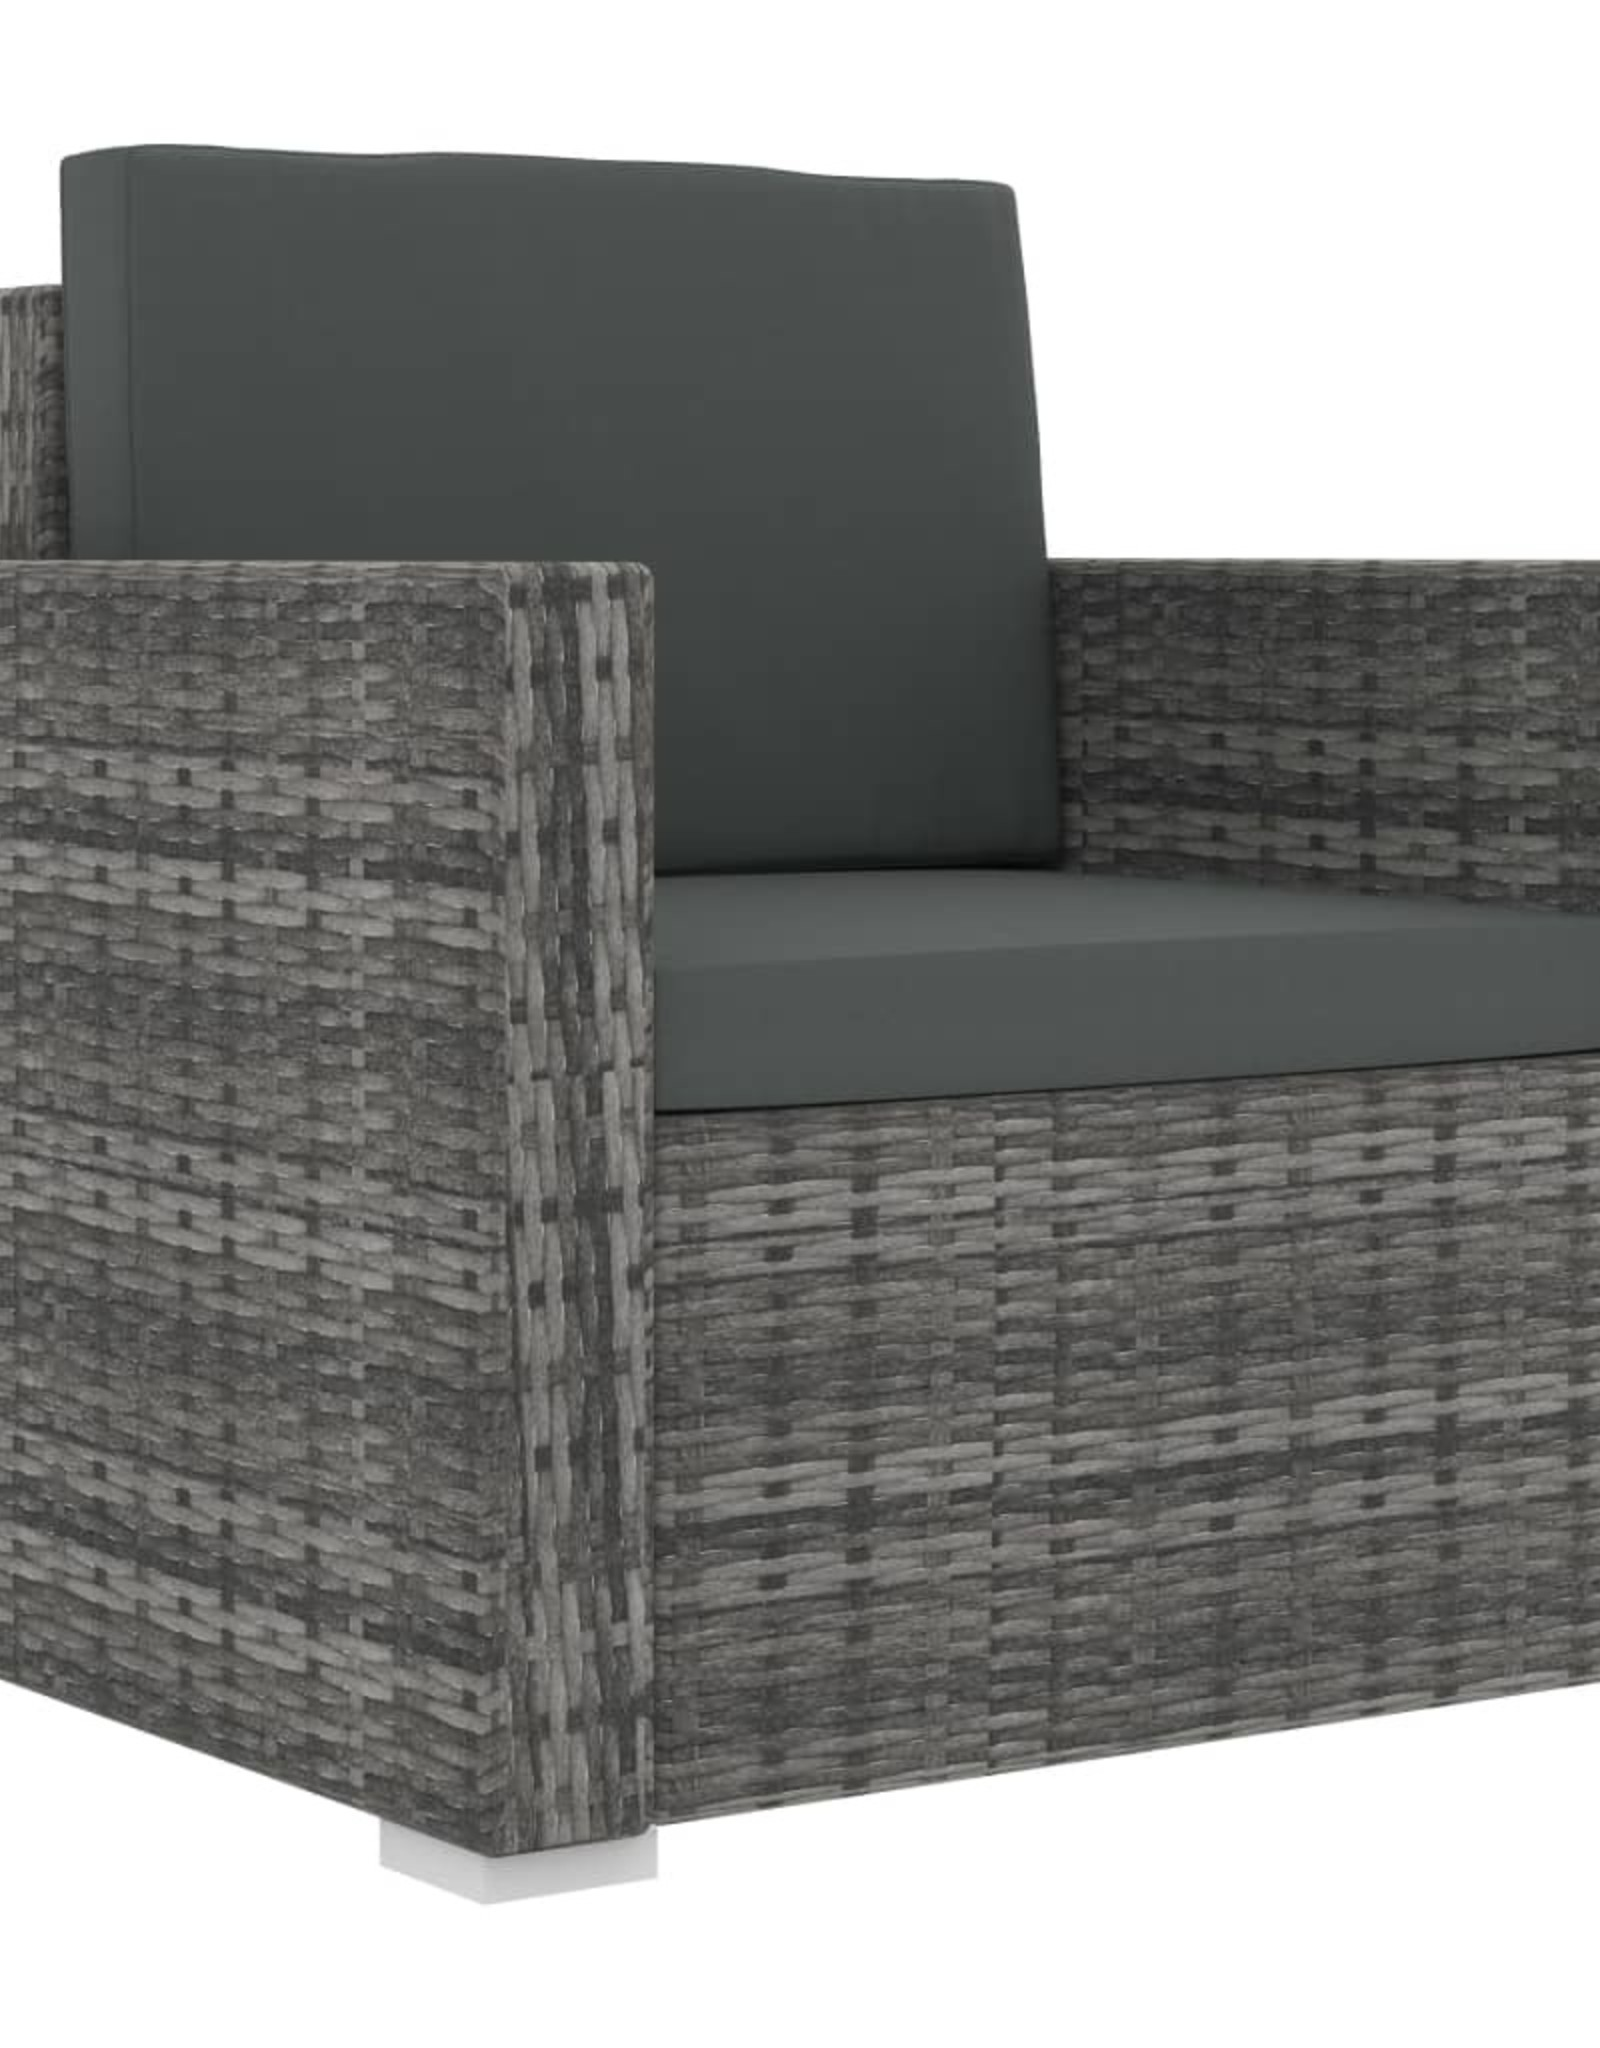 vidaXL 13-delige Loungeset met kussens poly rattan grijs